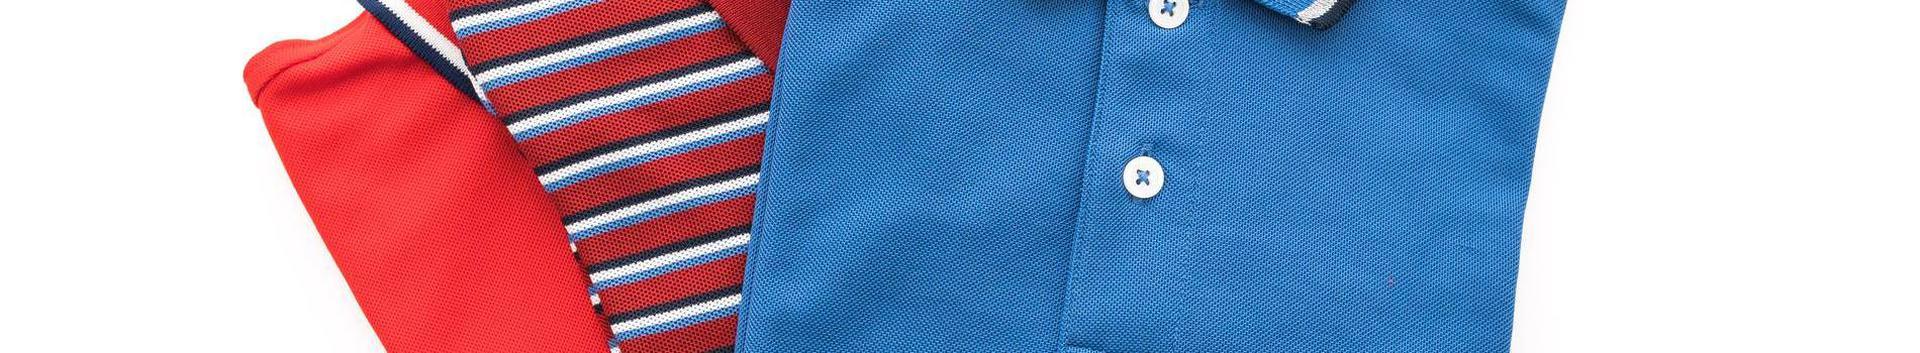 rõivaste tootmine, õmblustööstus